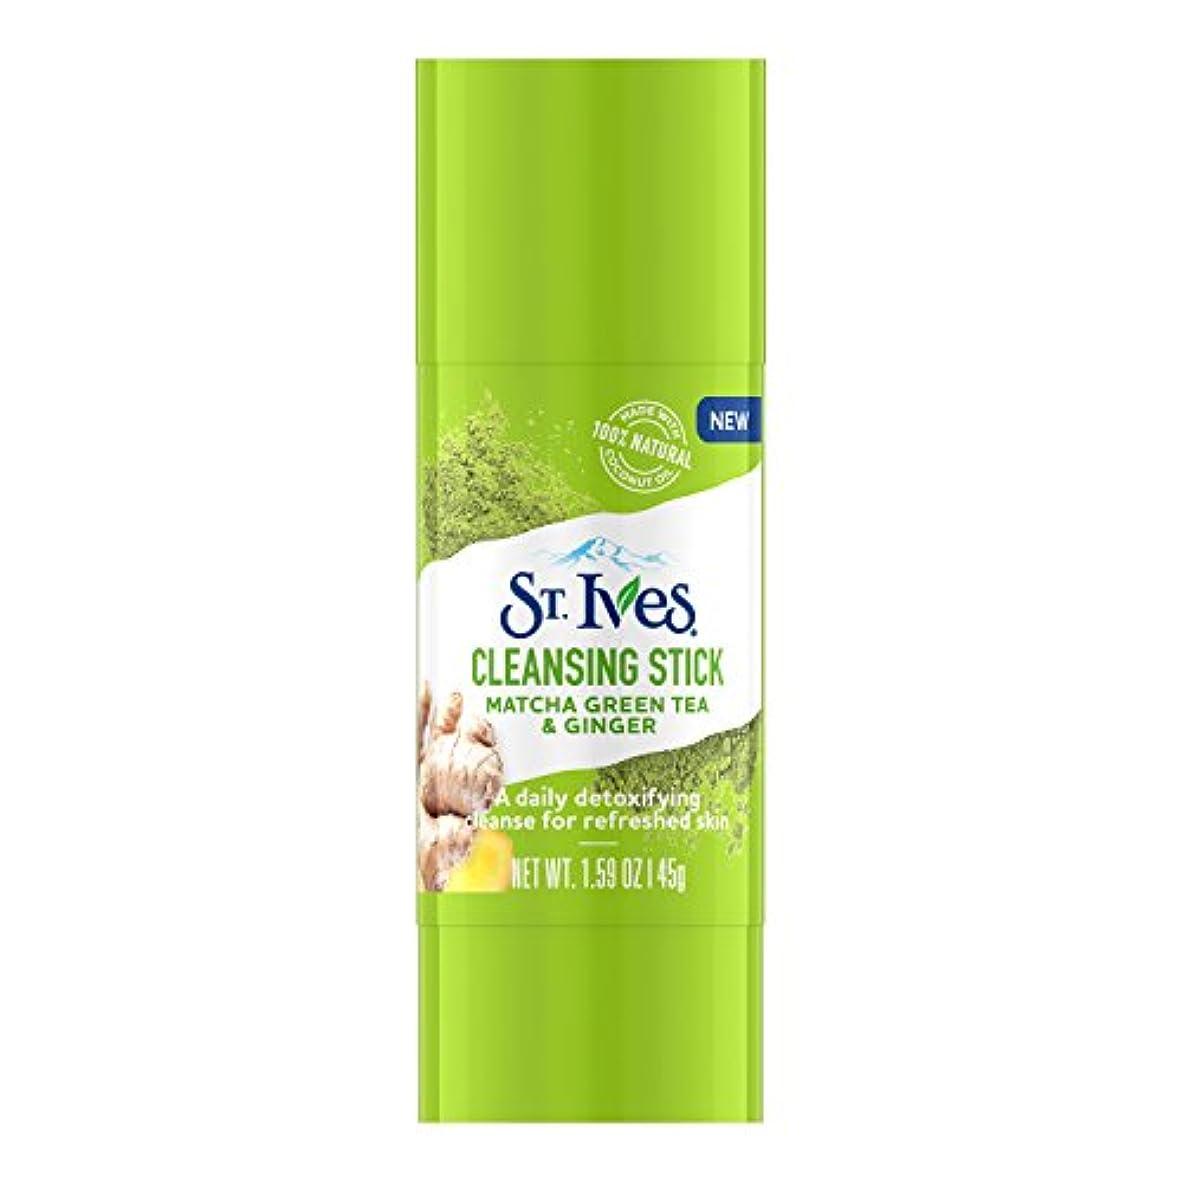 ドアミラー請求可能魅惑するSt. Ives クレンジングスティック 最新コリアンビューティートレンド 100%ナチュラルココナッツオイルを使った楽しい新しい形の洗顔 45グラム (抹茶&ジンジャー)